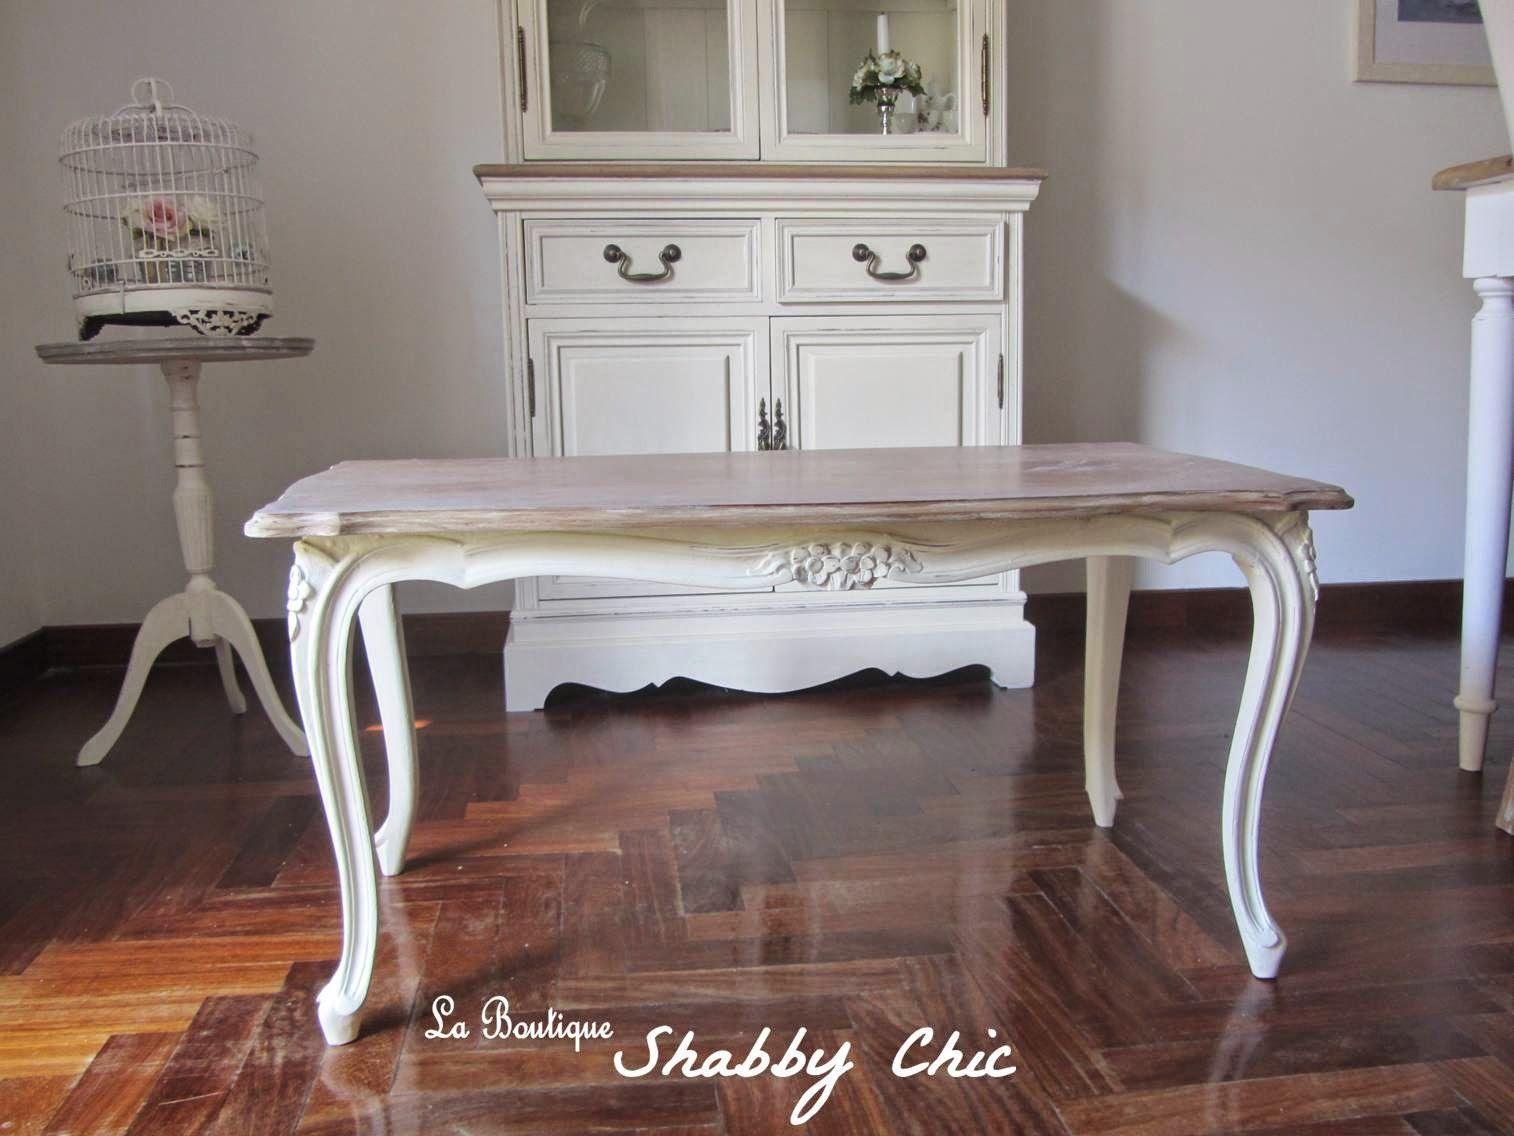 Tavolino Shabby Chic | La Boutique Shabby Chic | My Works ...